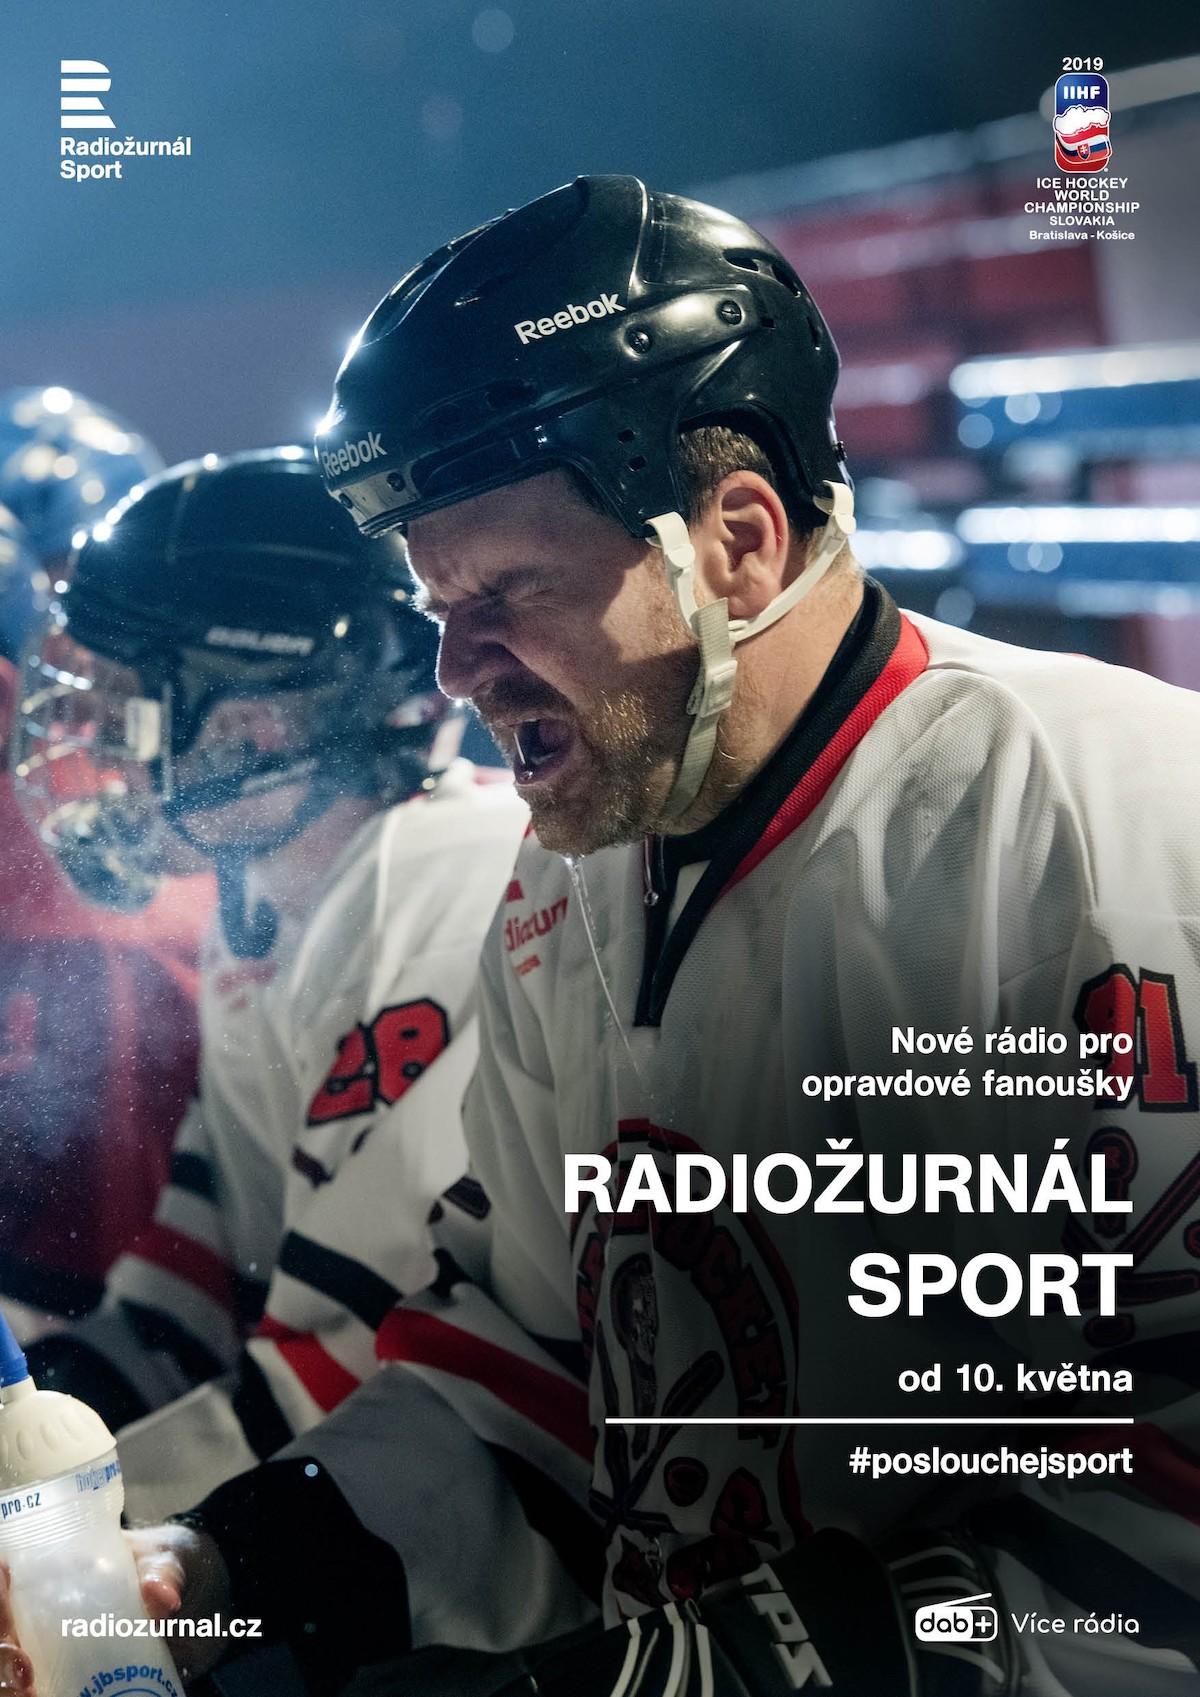 Propagační plakát nové stanice Radiožurnál Sport